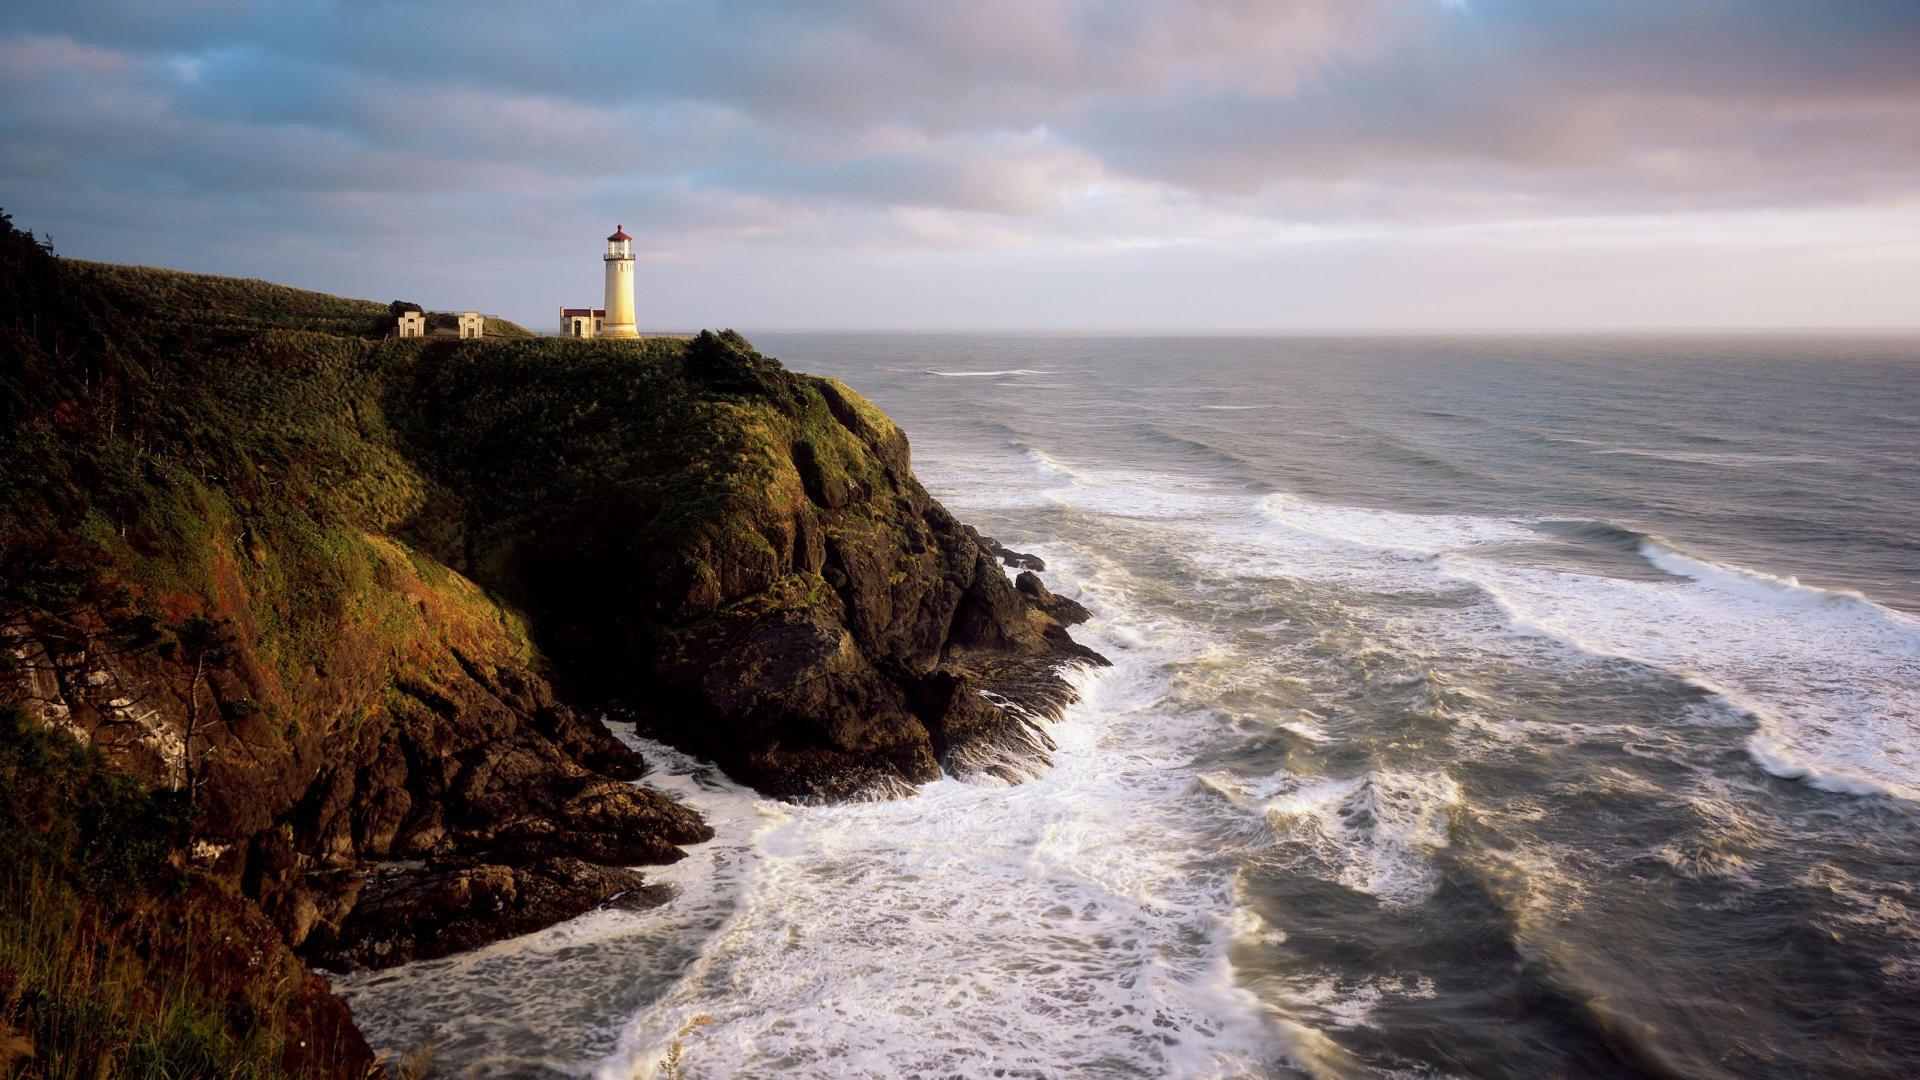 маяк море берег lighthouse sea shore  № 2220848 загрузить